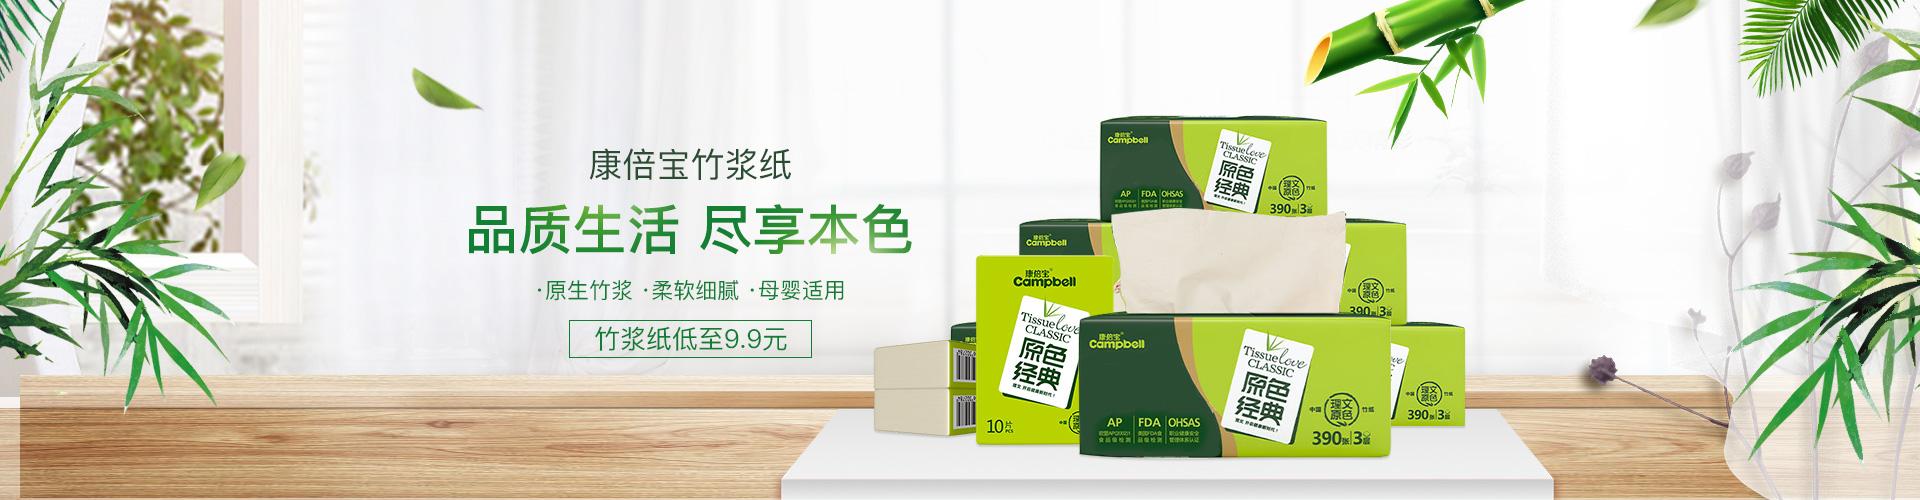 品质生活,尽享本色 ,母婴适用 ,竹浆纸低至9.9元~